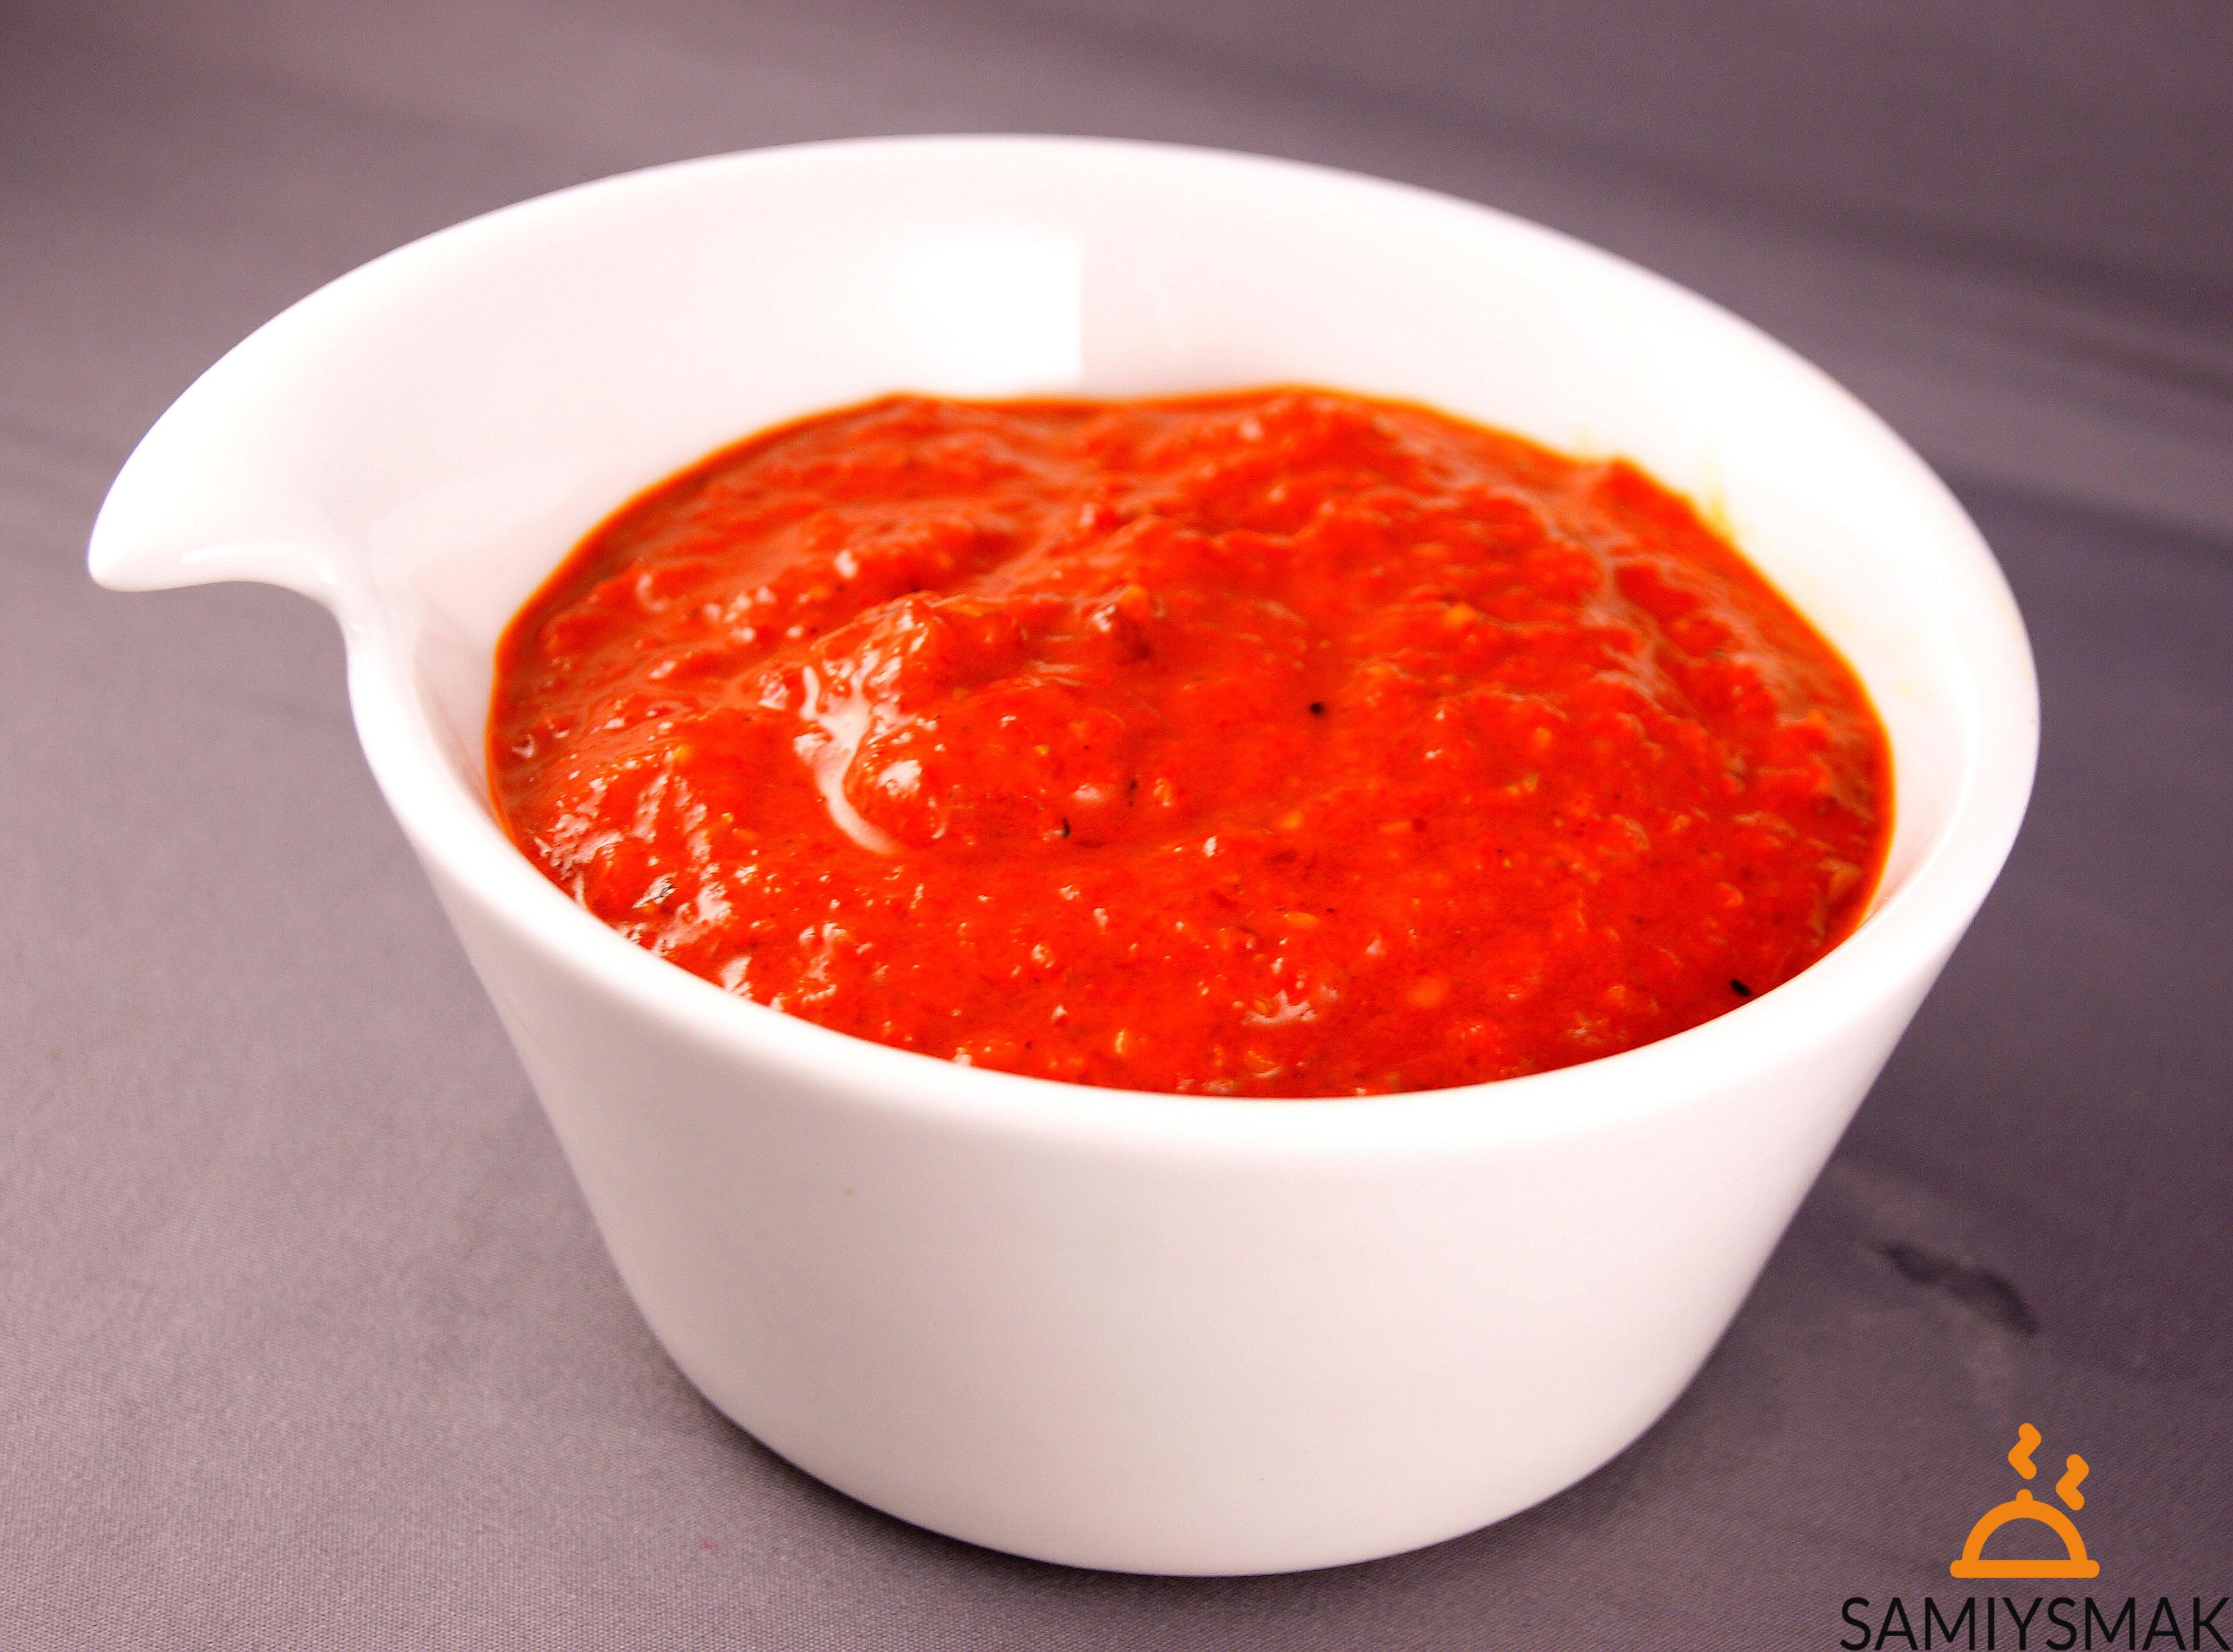 Заправка для салата с тархуном рецепт